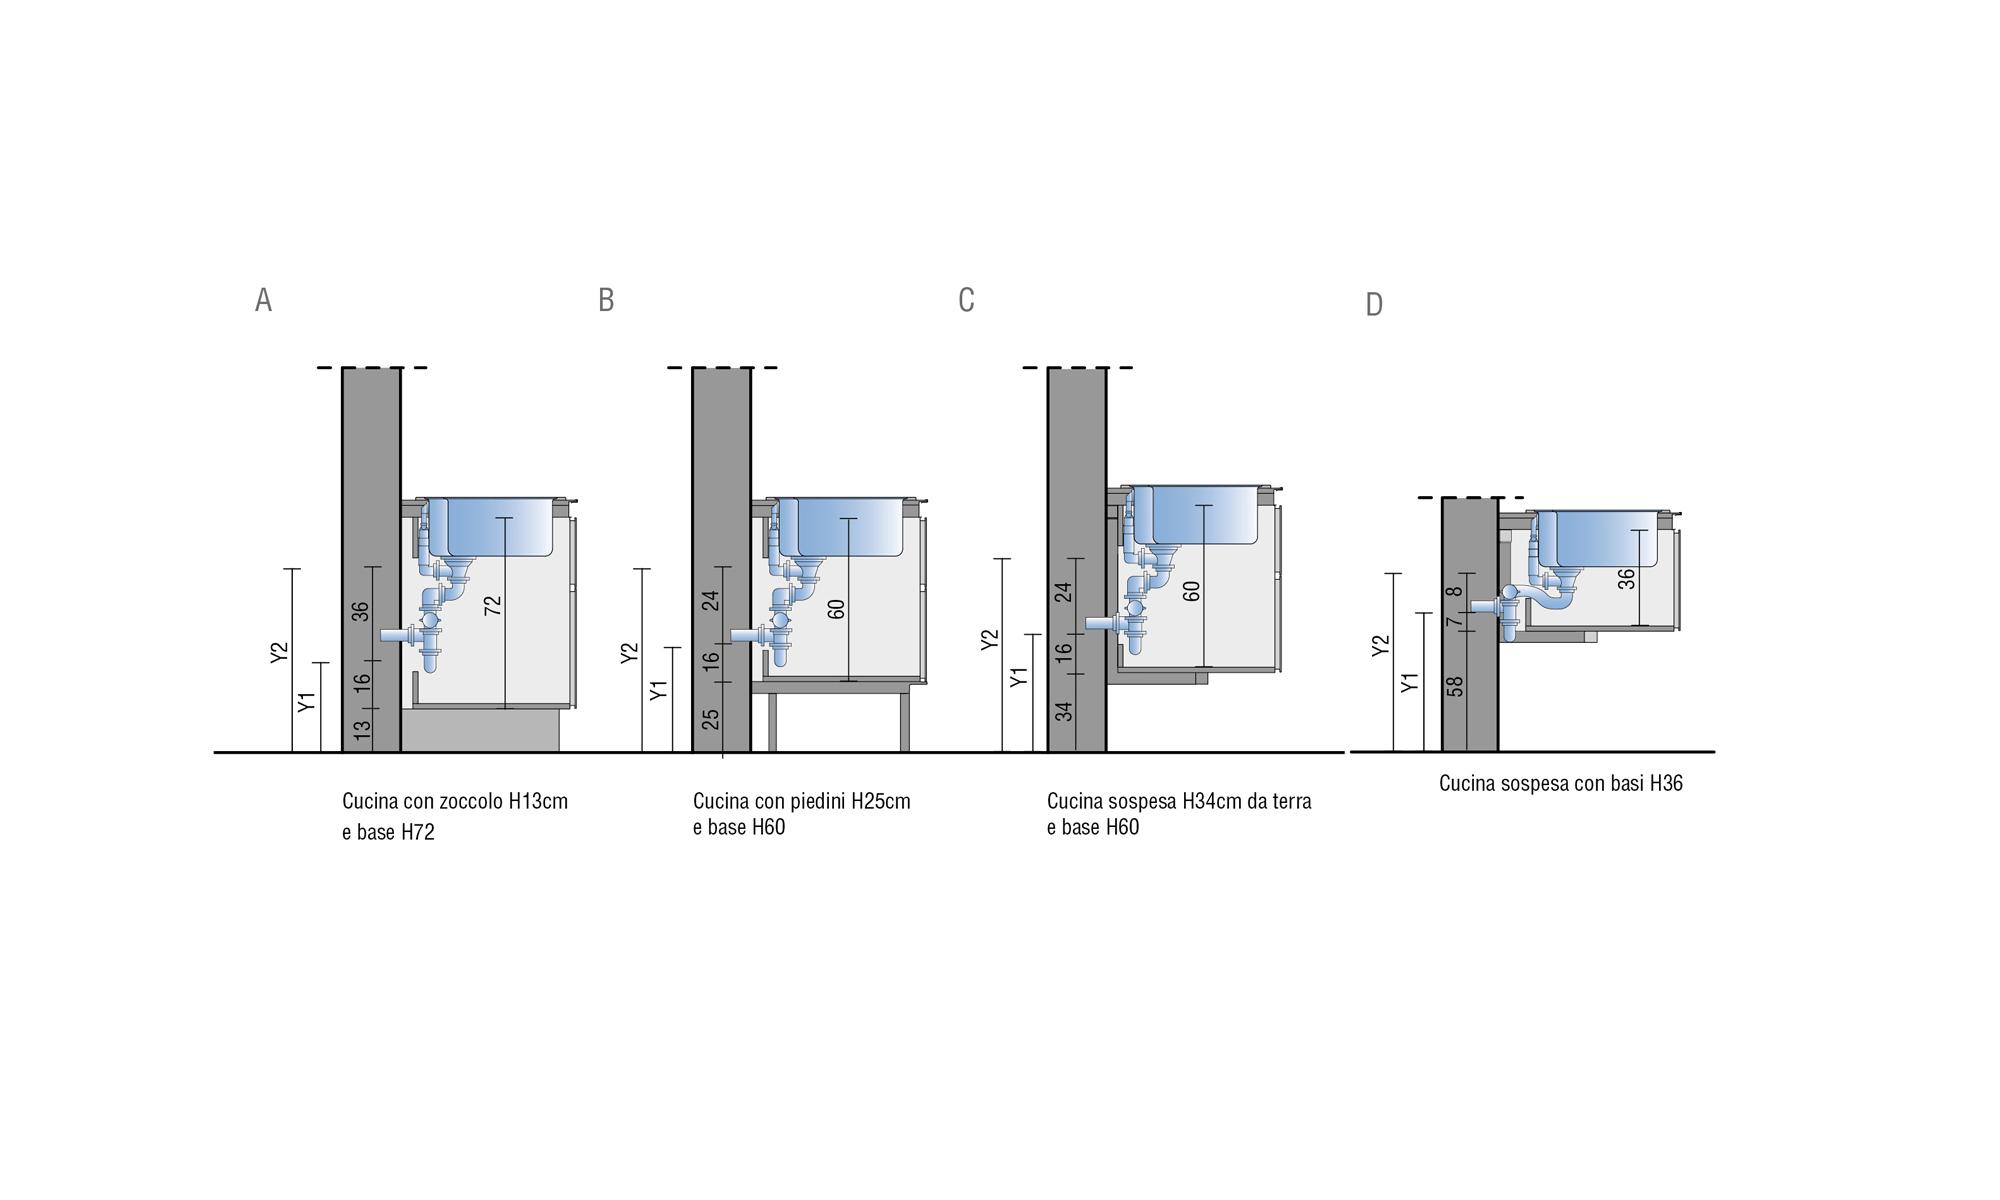 Full Size of Küche Bodenbelag Granitplatten Glaswand Oberschrank Beistelltisch Wandtattoos Deko Für Ausstellungsstück Kleine Einbauküche Tapete Aufbewahrungssystem Wohnzimmer Wasseranschluss Küche